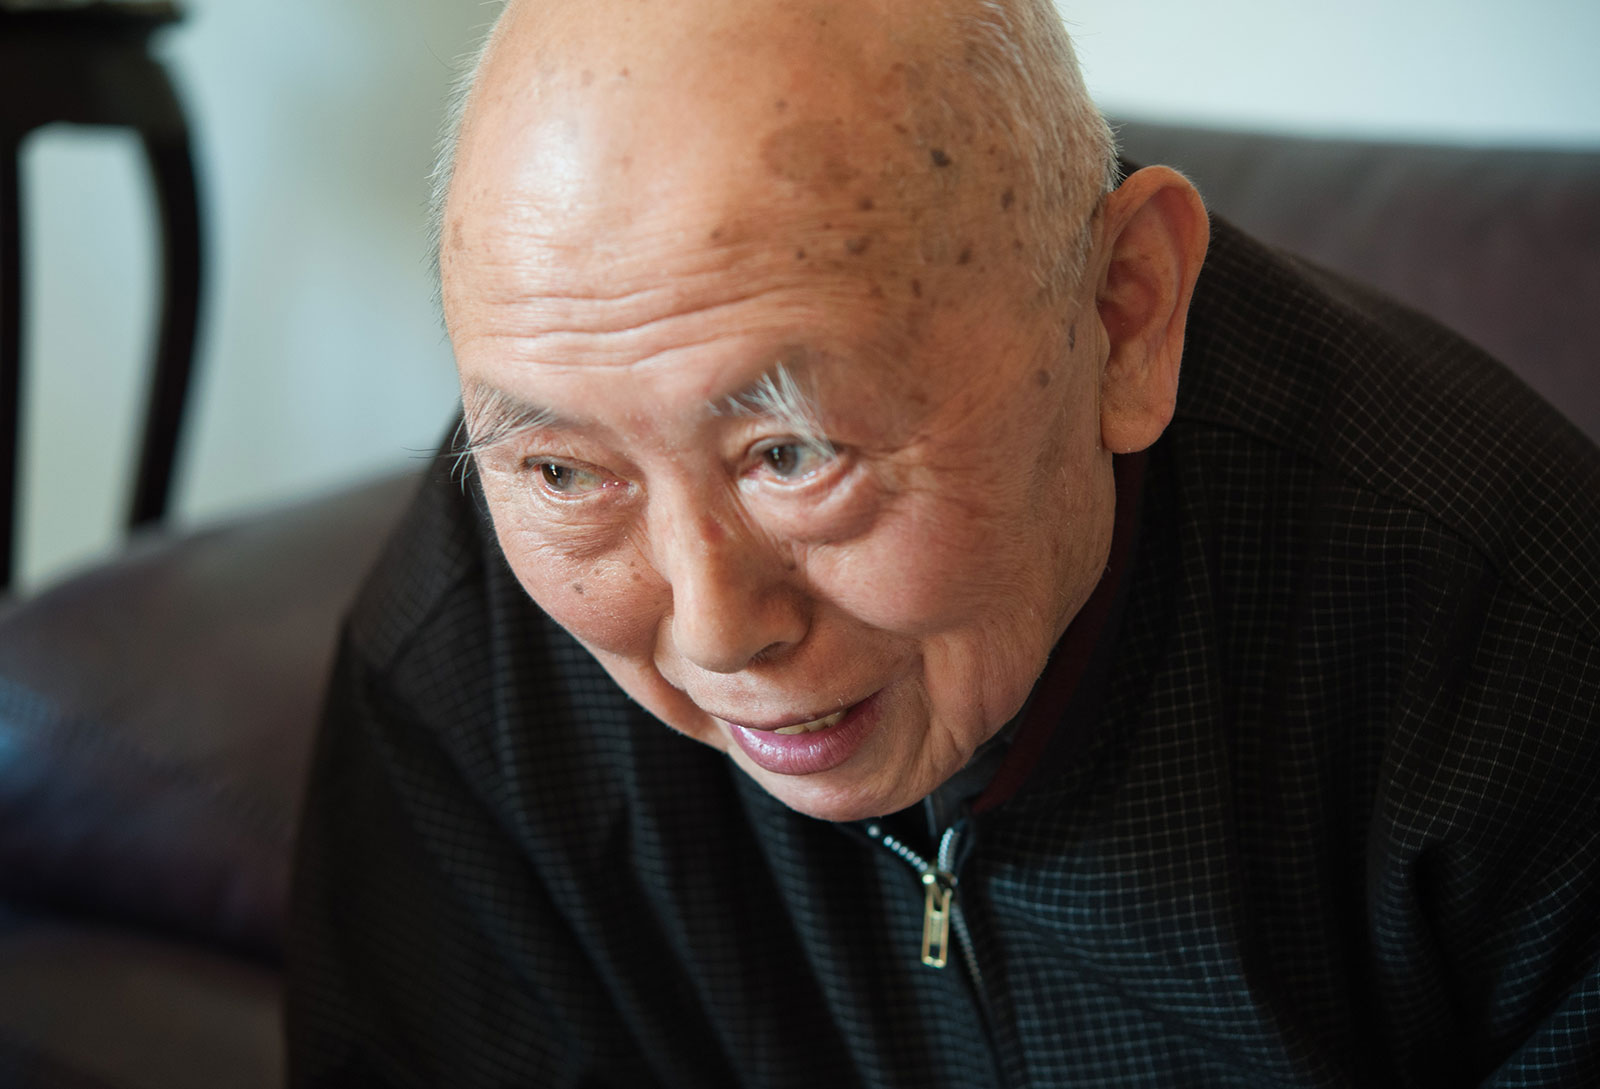 Xuecheng Xu